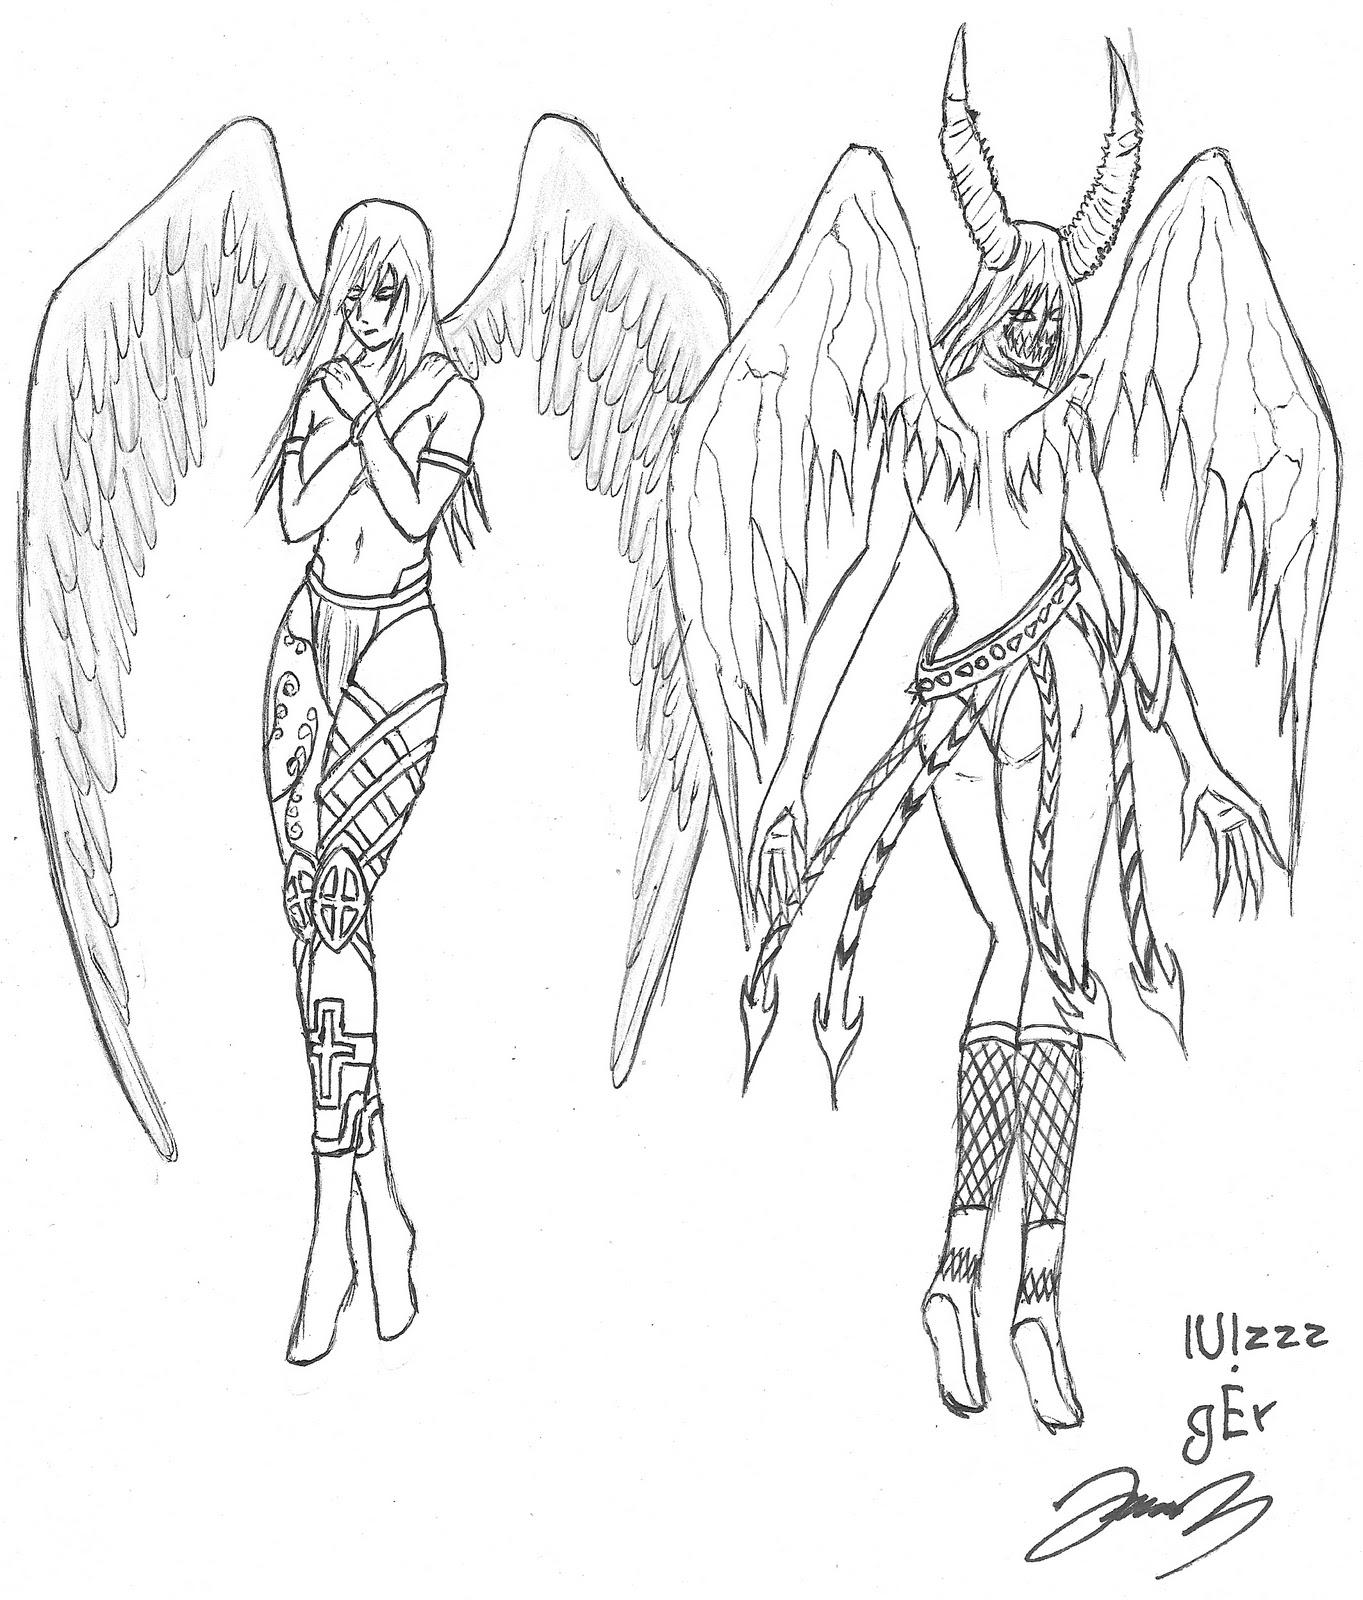 Asombroso Páginas Para Colorear De ángeles Inspiración - Dibujos ...